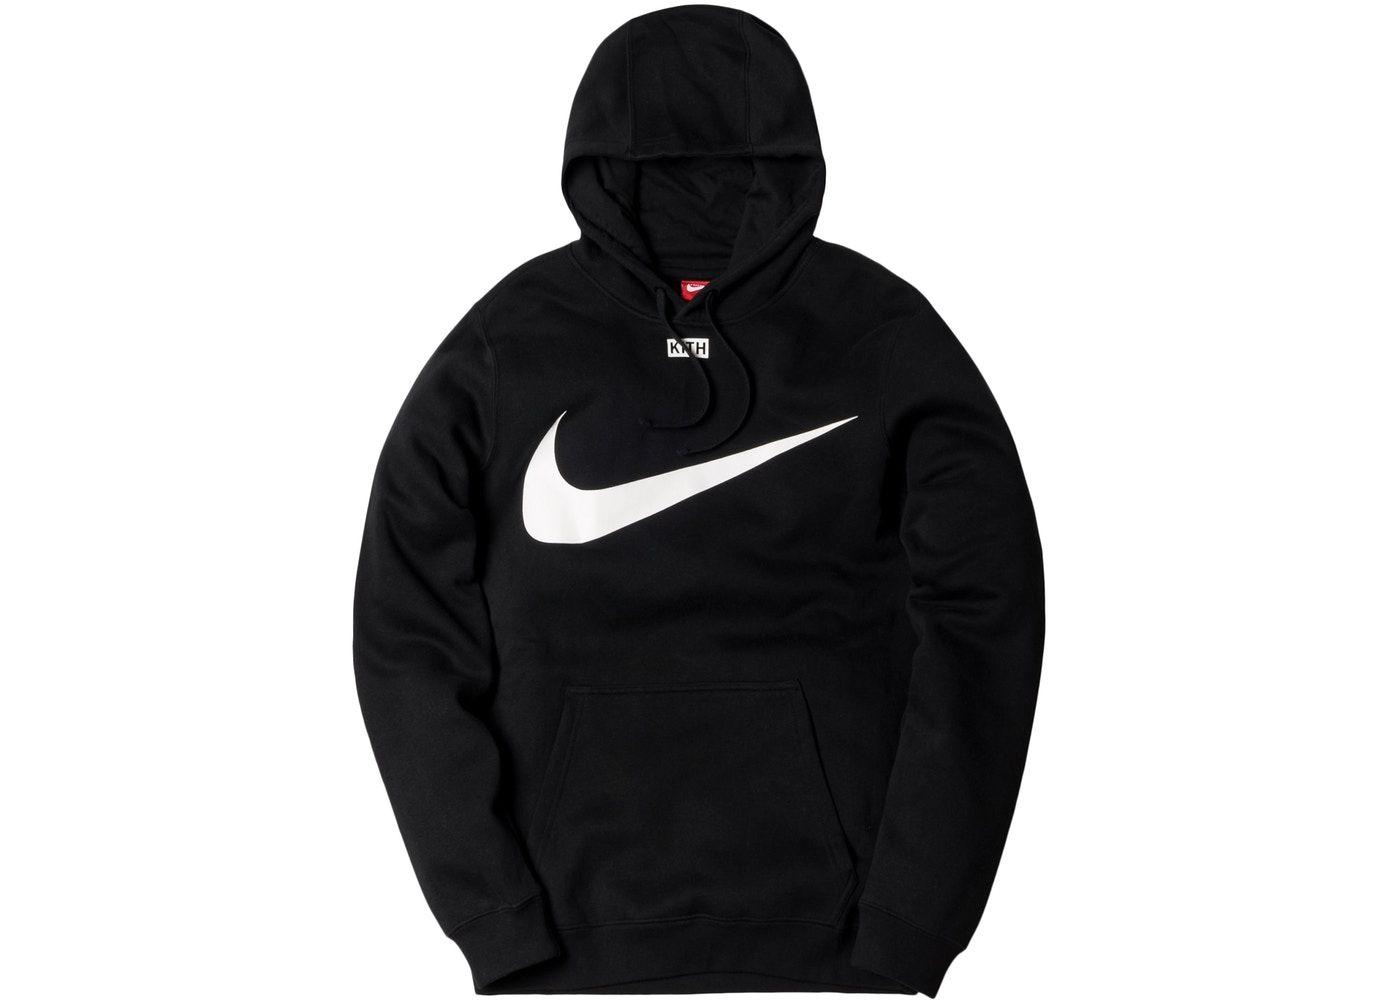 Kith Nike Swoosh Hoodie Black Nike Clothes Mens Black Hoodie Casual Jacket [ 1000 x 1400 Pixel ]